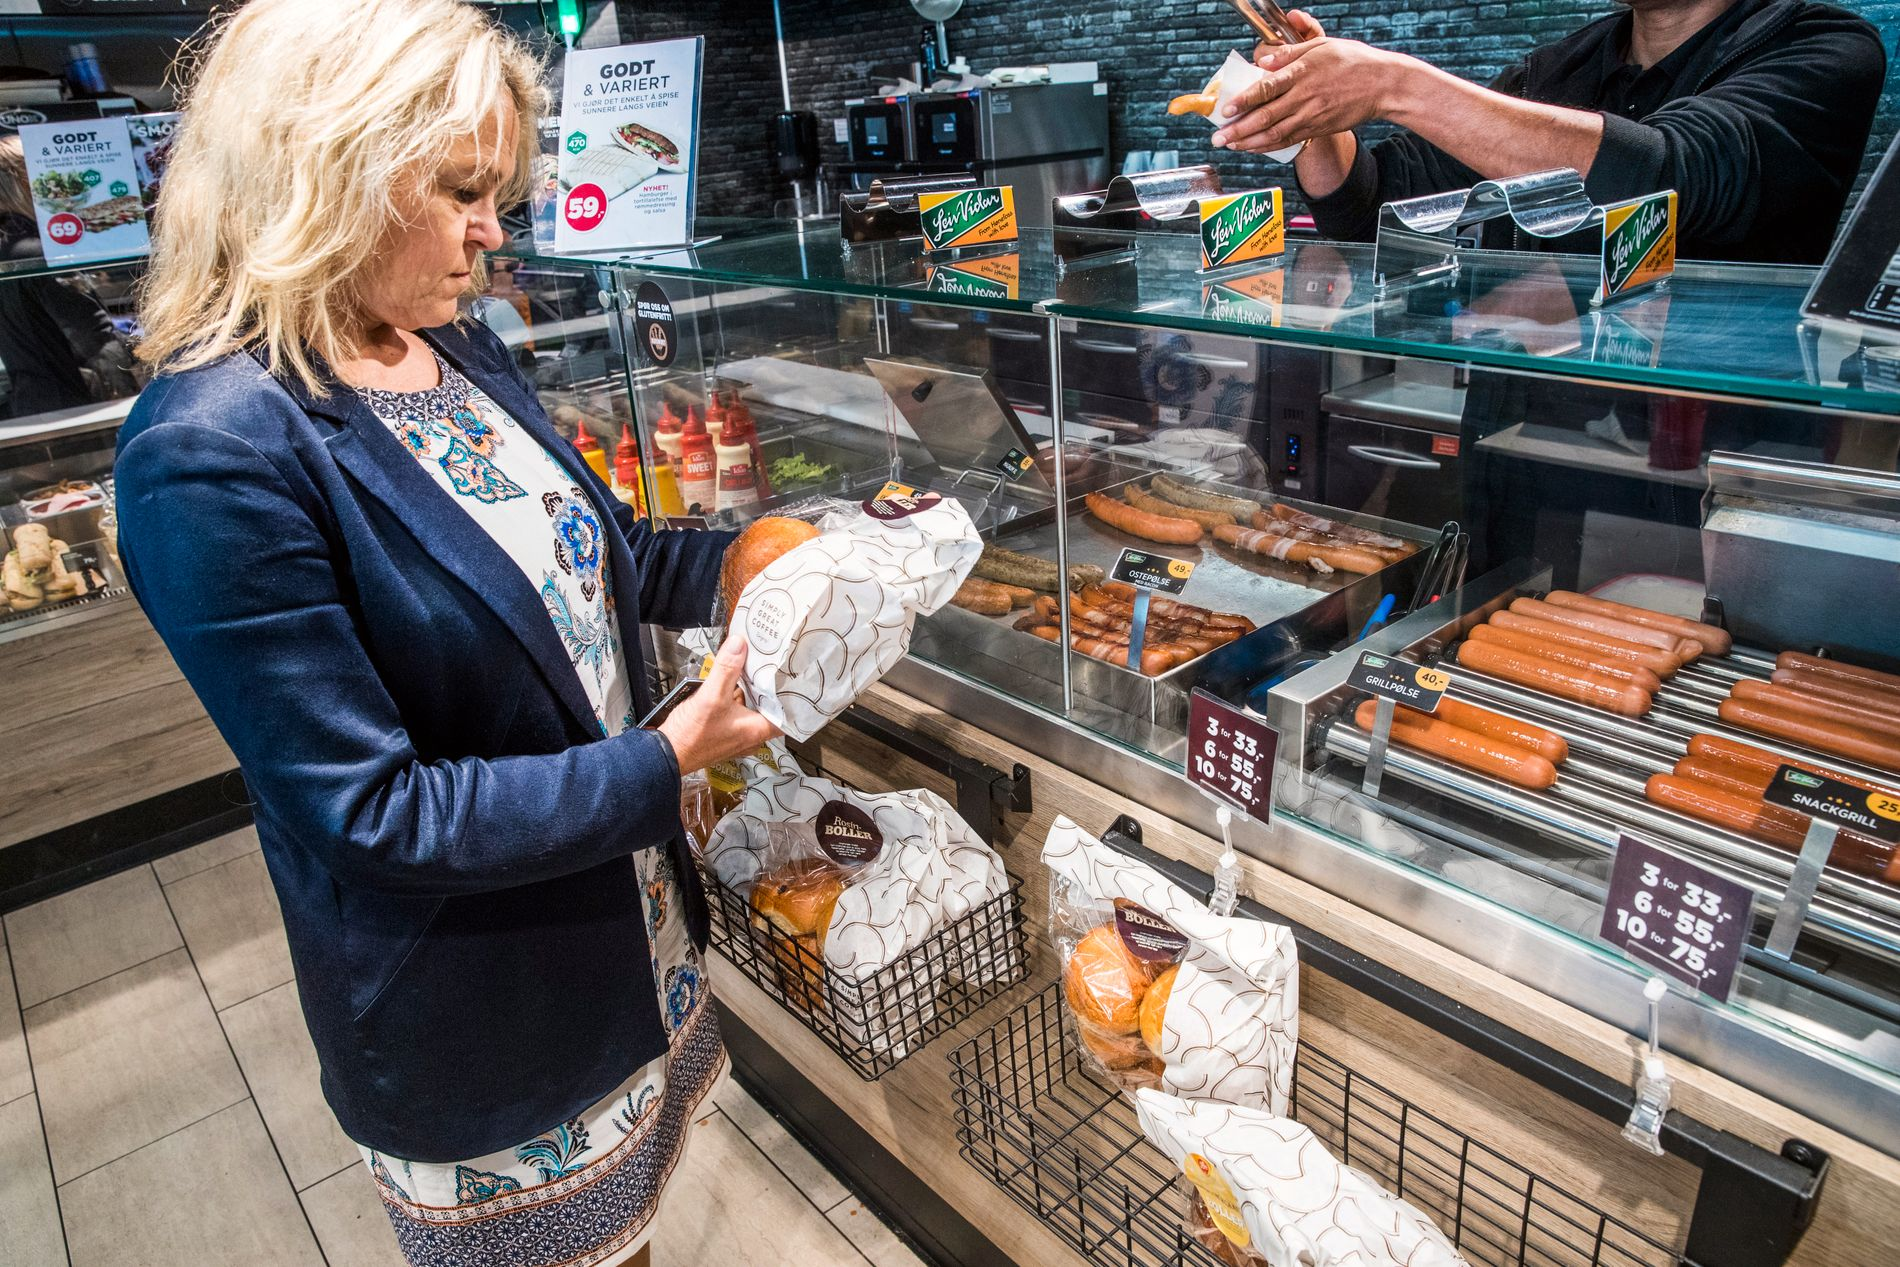 KJØPER IKKE: Folkehelseminister Åse Michaelsen drev bensinstasjon i to år, hvor også hun solgte hamburgere og pølser. Hun vil ikke fraråde folk til å kjøpe det, men sier det er bra med sunne alternativer og valgmuligheter.